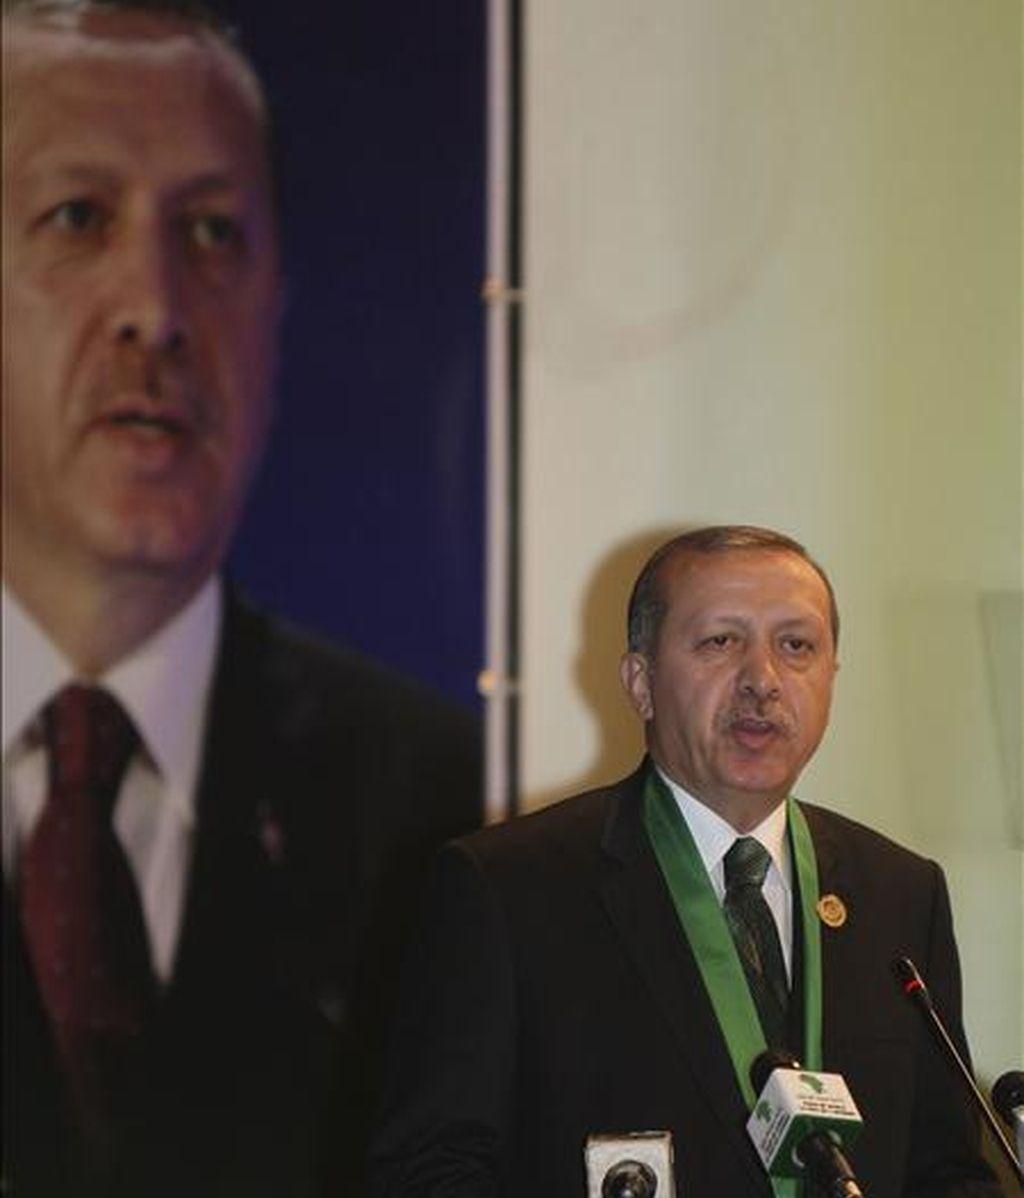 El primer ministro turco, Recep Tayyip Erdogan. EFE/Archivo